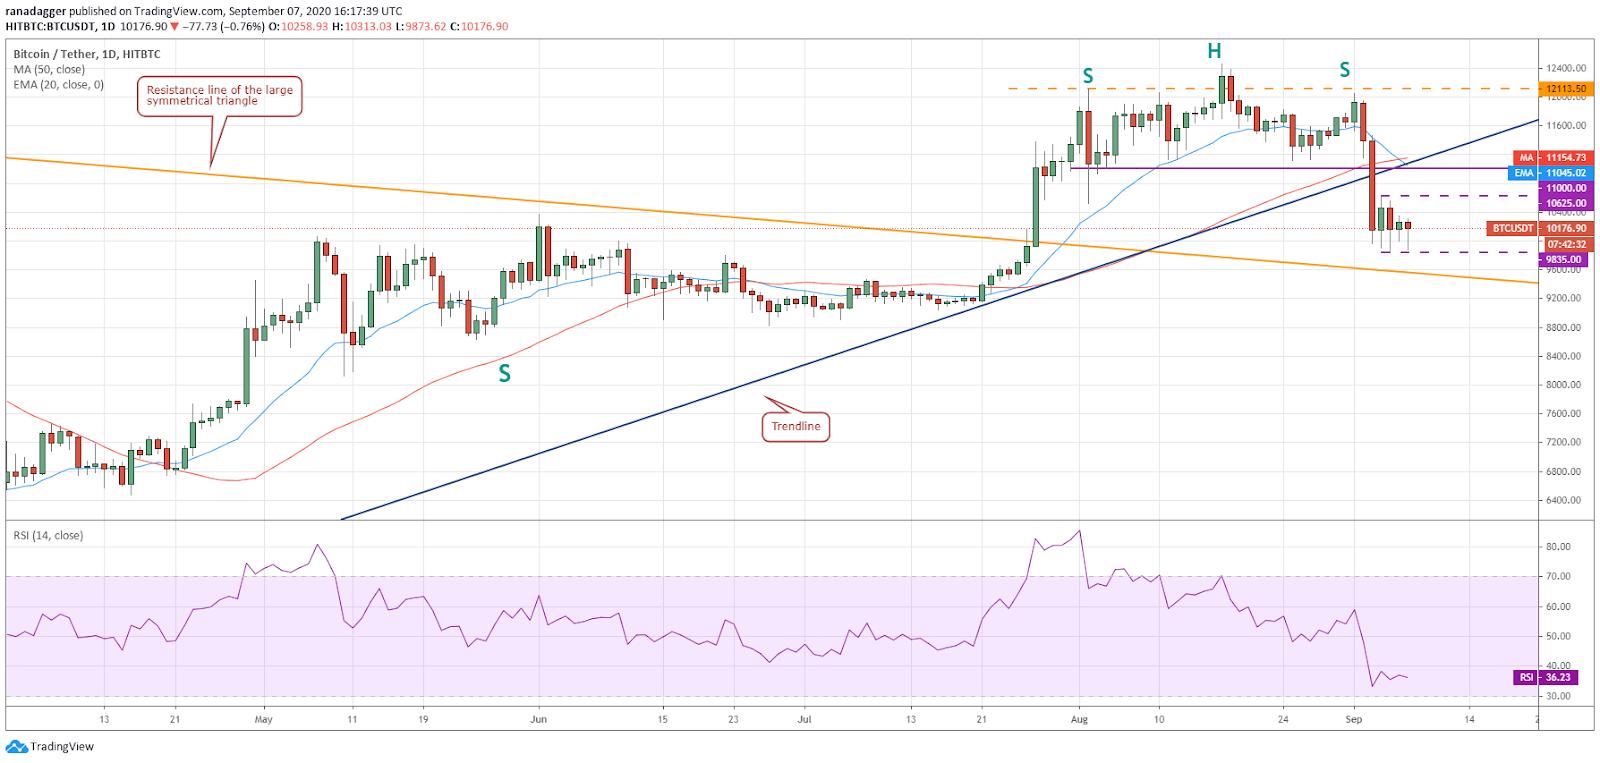 BTC / USD日线图